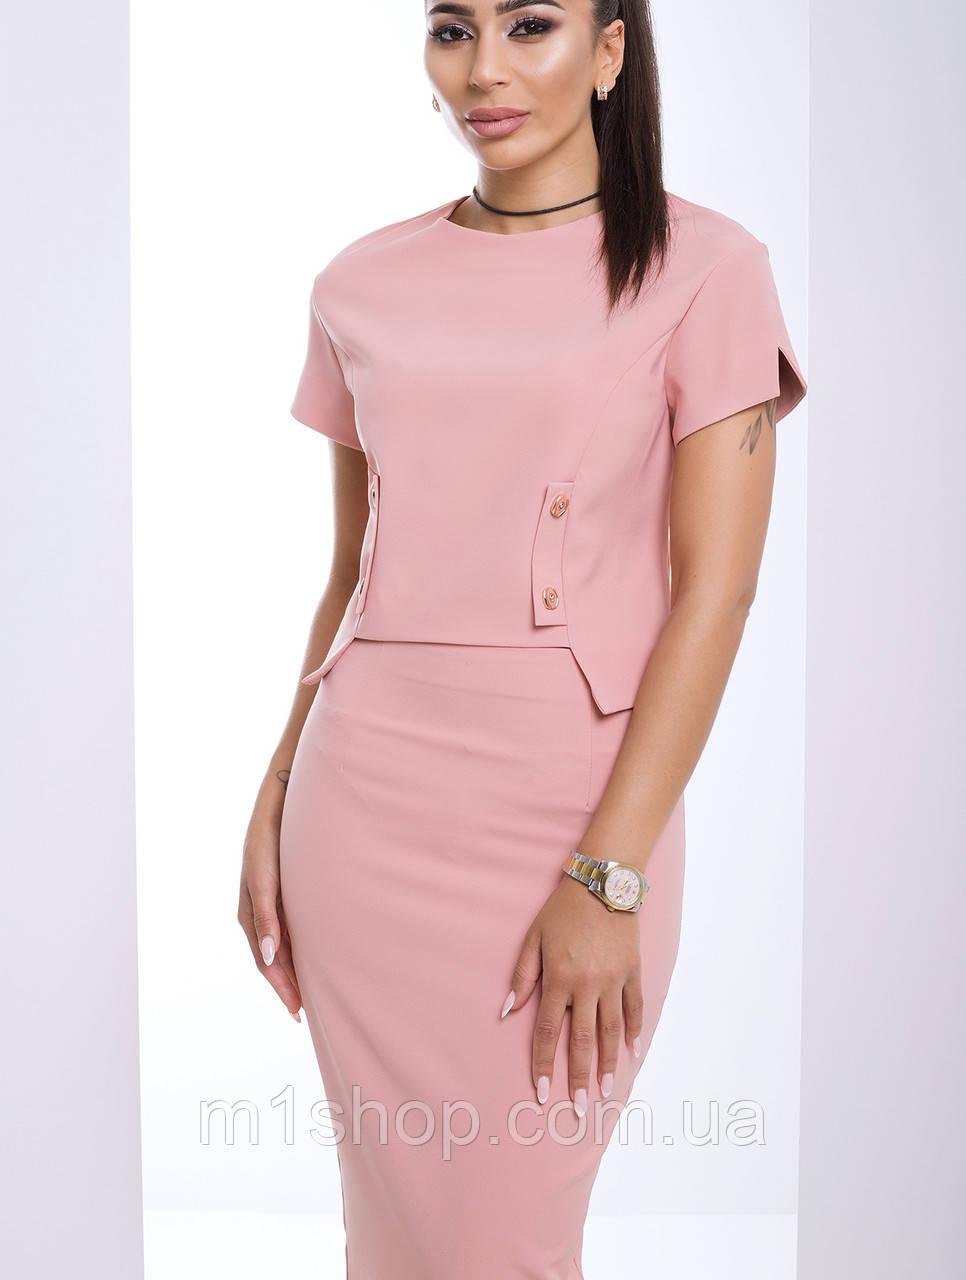 Женский костюм юбка и блузка (Амели lzn)